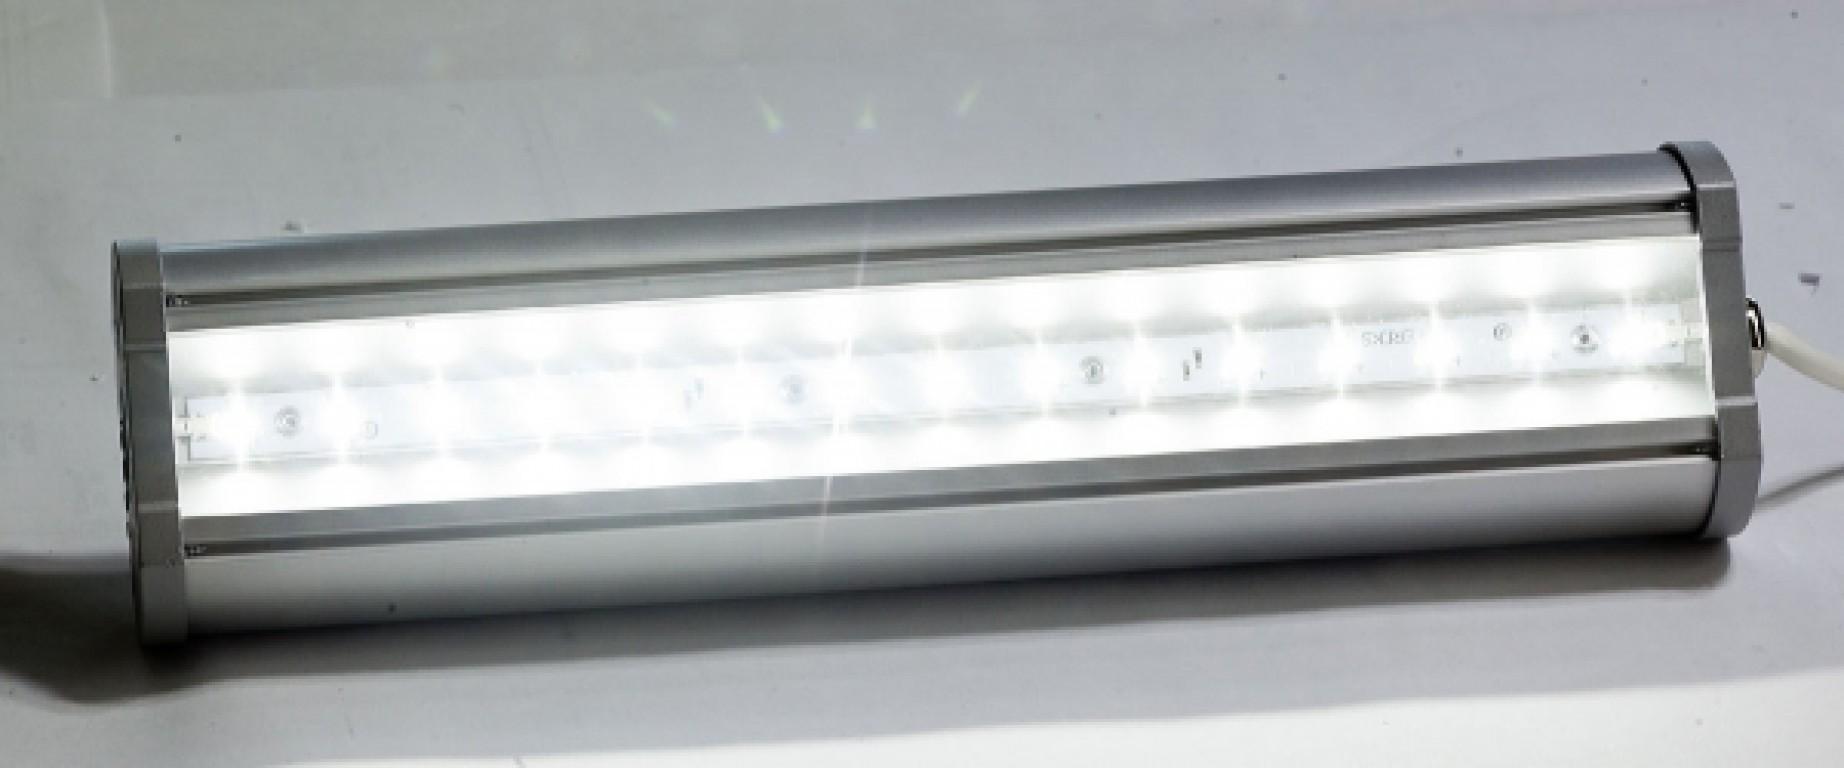 Светильник ДСО 04-43-50-Д (универсальный)